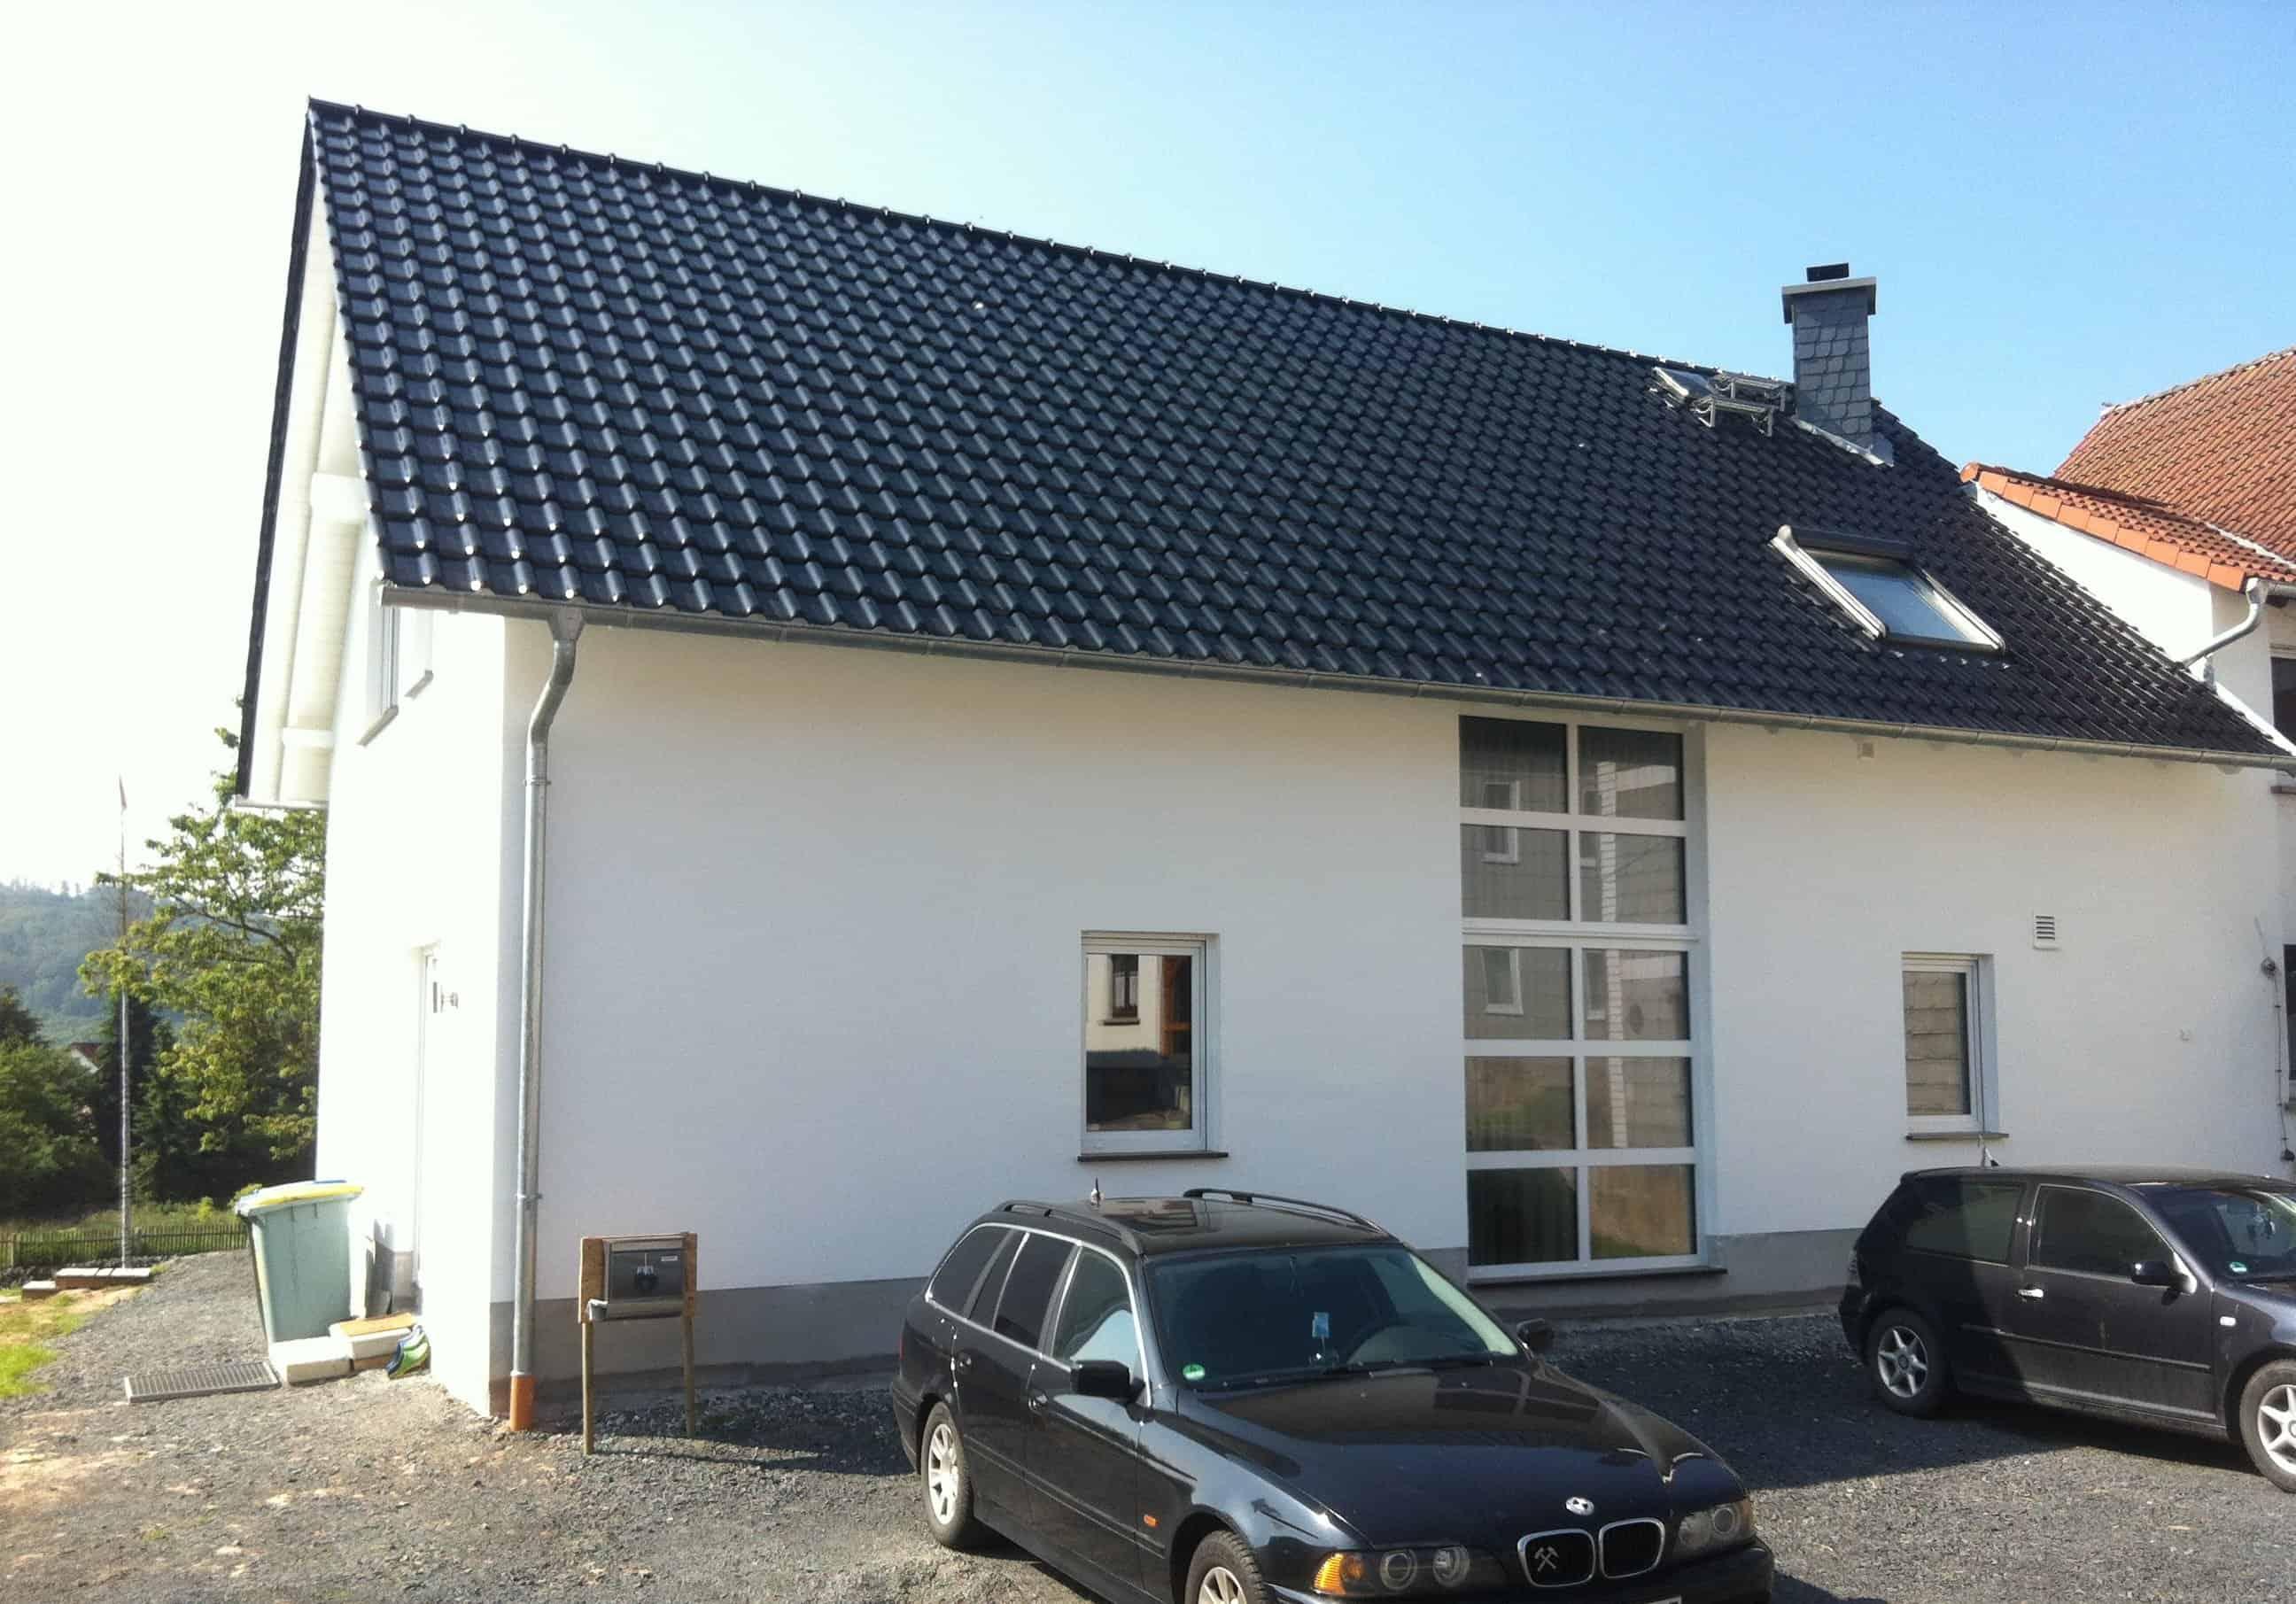 Einfamilienhaus als Anbau an Bestandsgebäude mit Innen-Luftwärmepumpe und Wohnraumlüftung